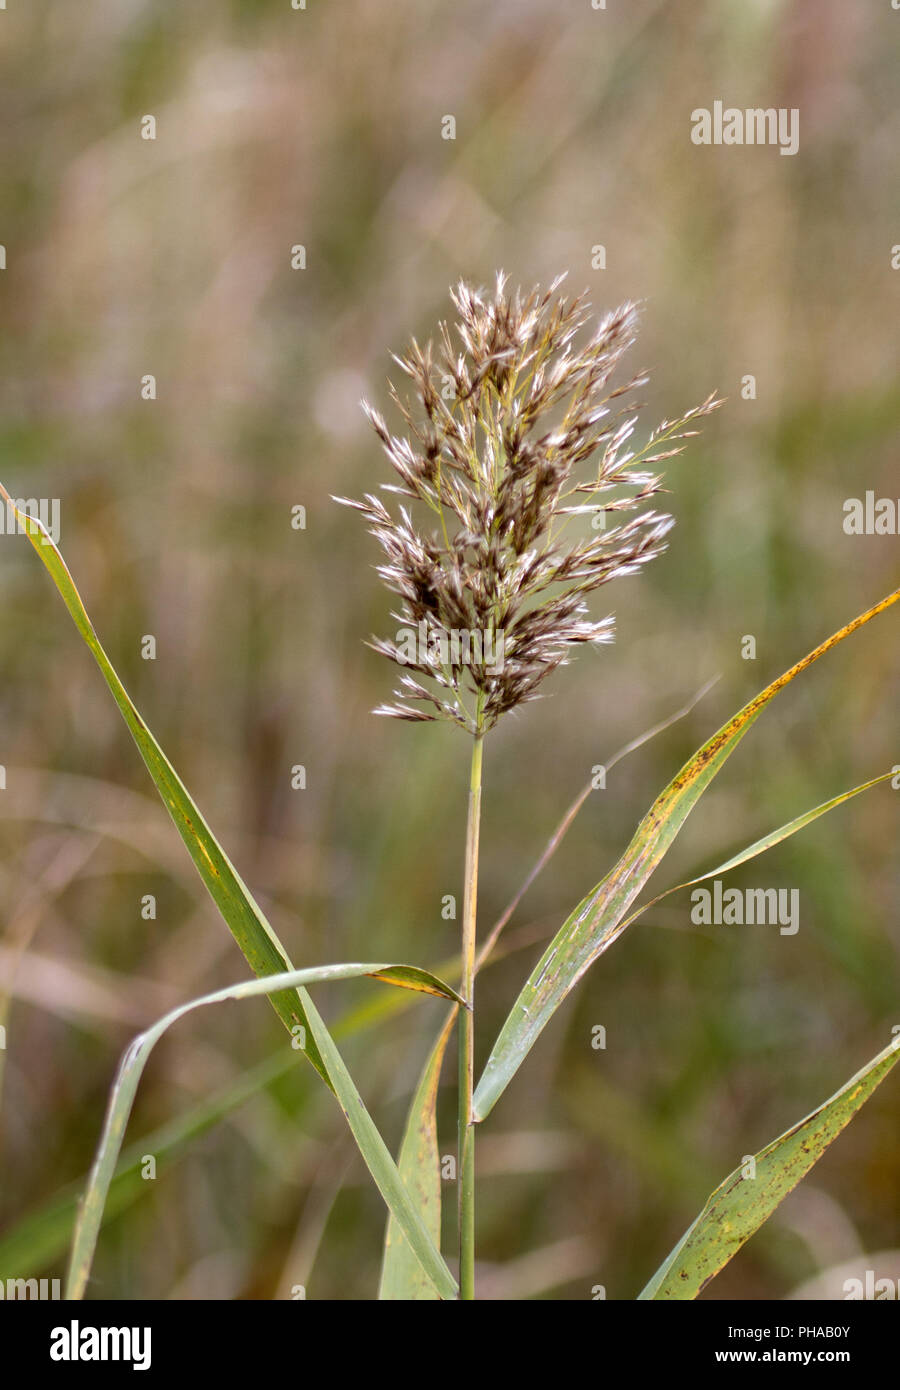 Reed, Hortobágy-Nationalpark, Puszta, Hungary - Stock Image